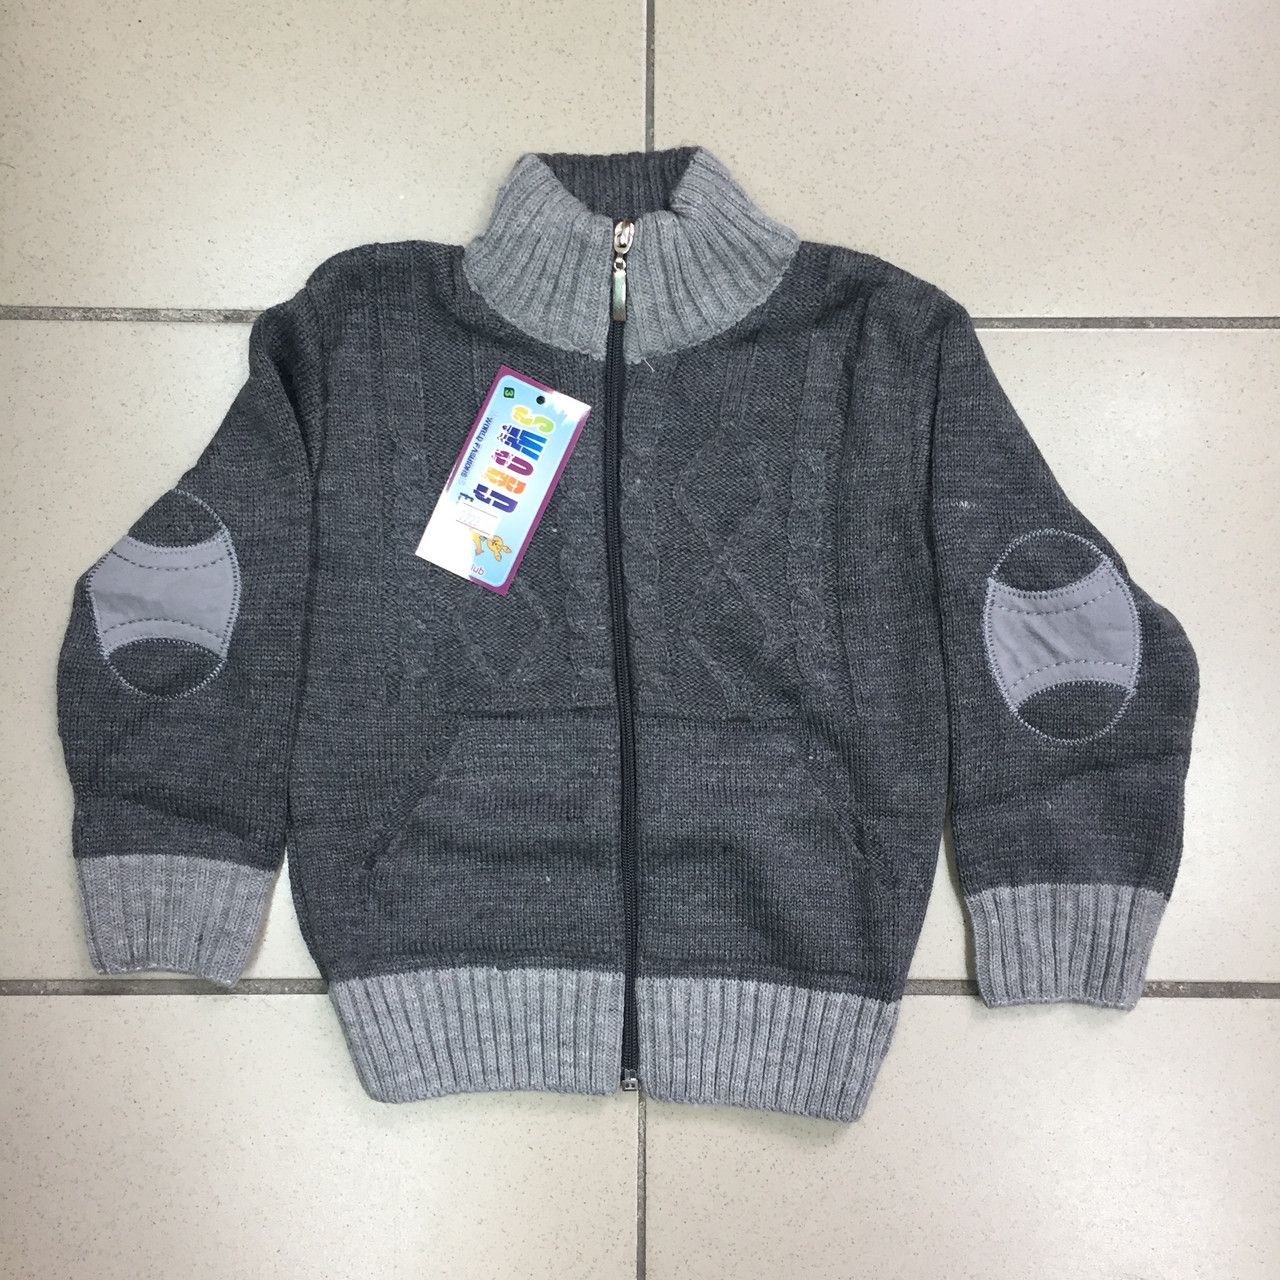 Купить детскую одежду в днепропетровске